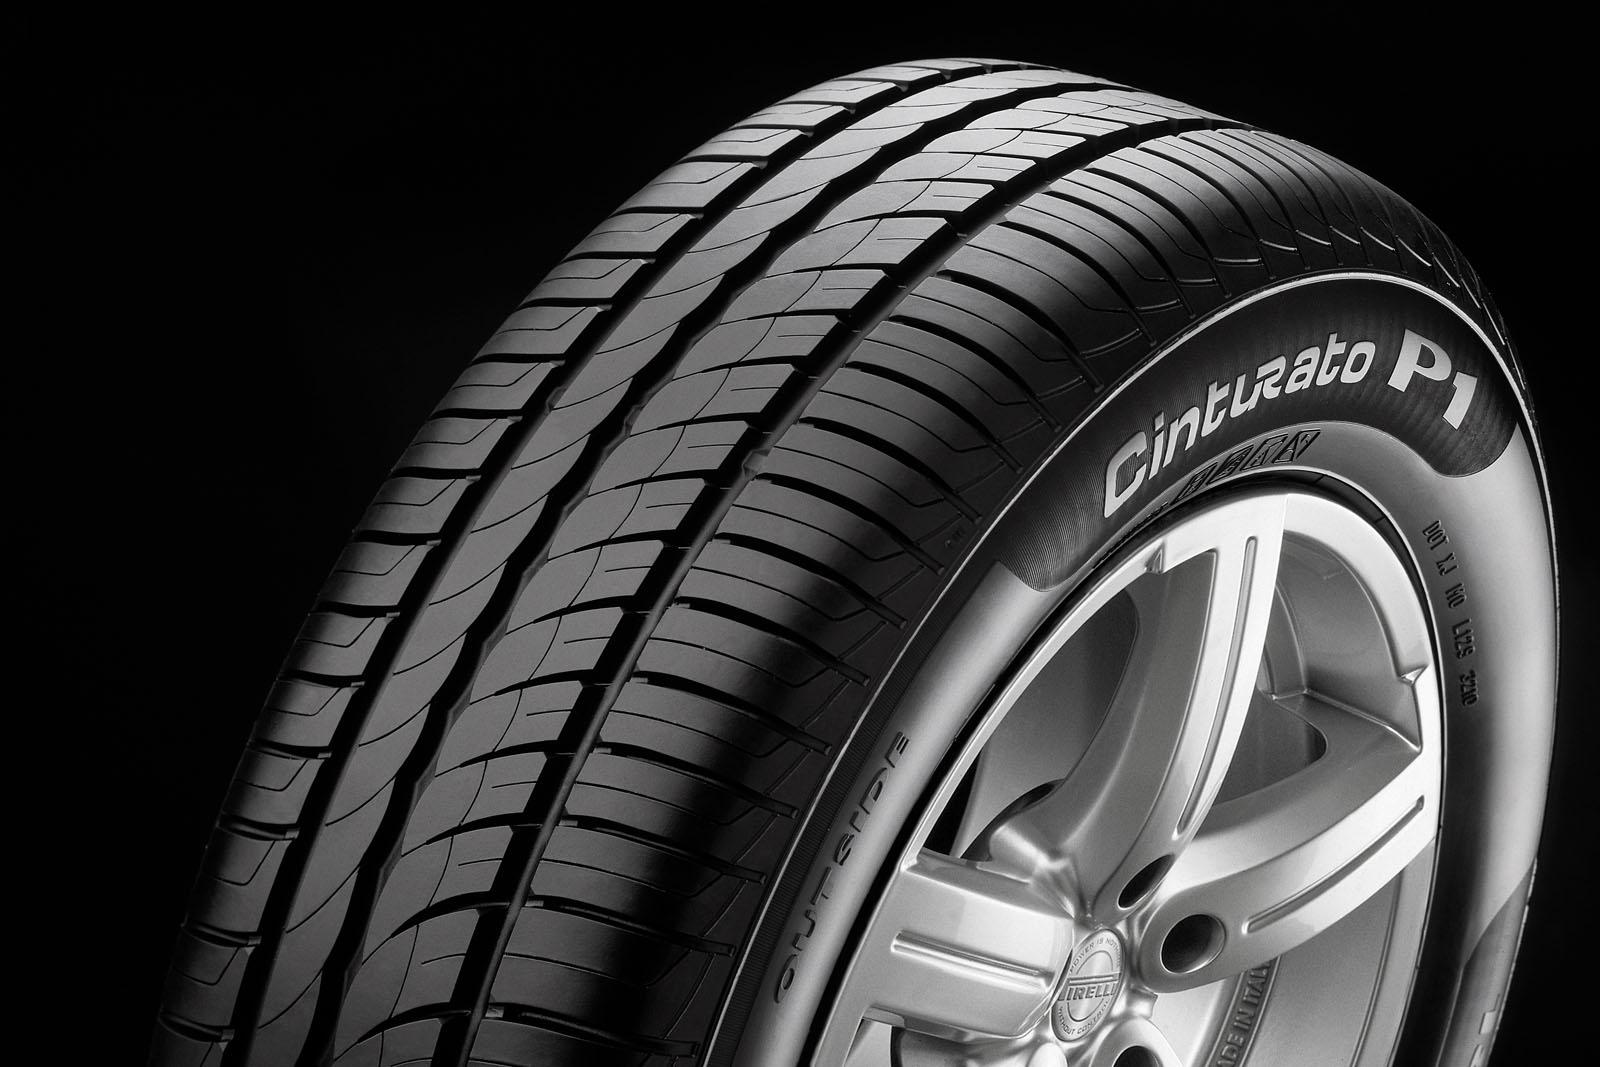 Meilleur pneu été 15 pouces : test ADAC 2017